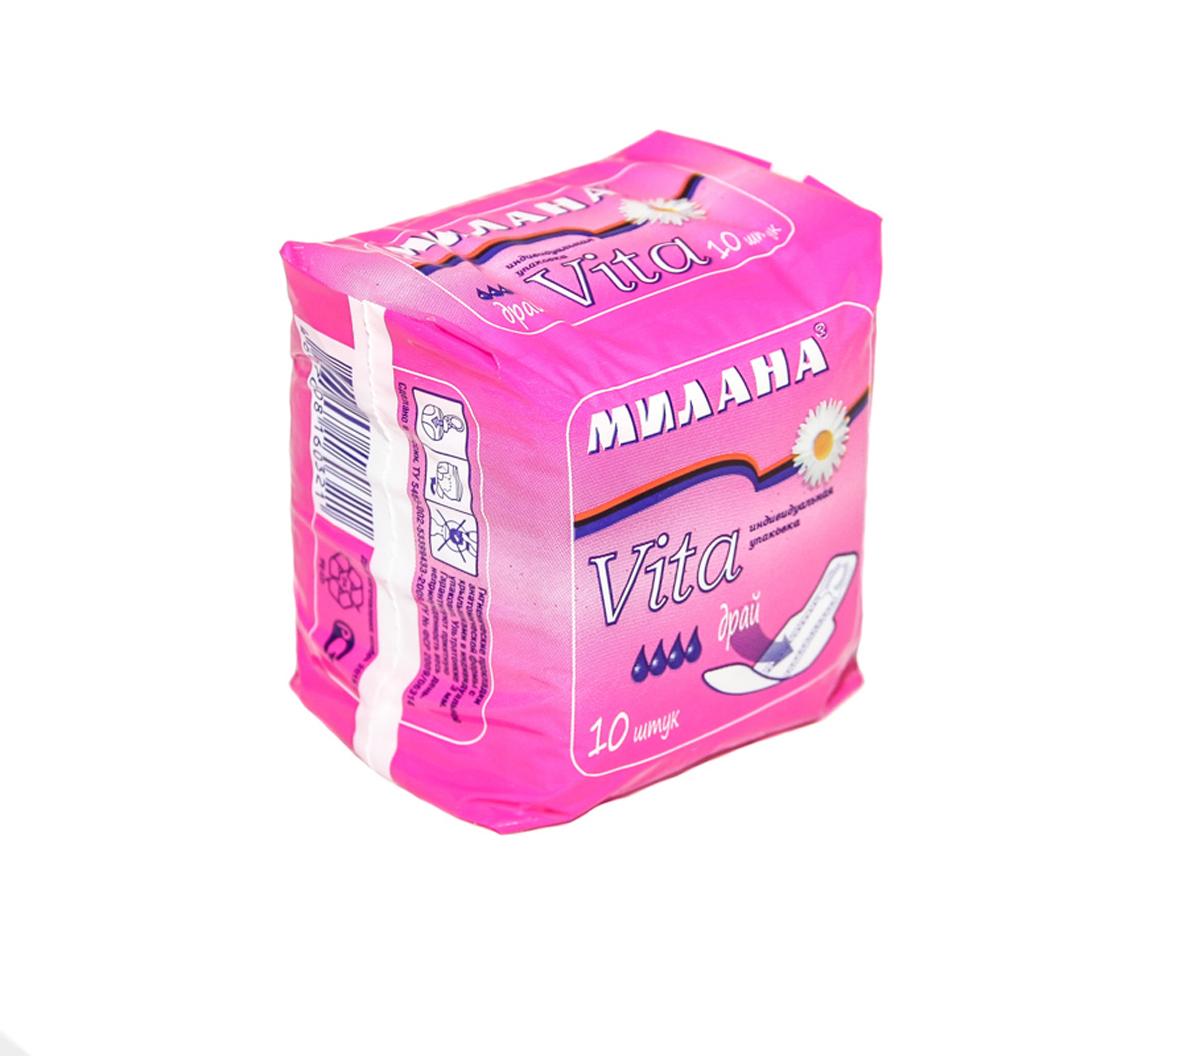 Милана Ультратонкие прокладки женские VITA Драй, 10 шт602Ультратонкие прокладки для критических дней, оптимальной длины (230 мм). Прокладки снабжены боковыми крылышками для надежной фиксации и защиты белья.Впитывающий слой - «Айрлайд+» - прессованная целлюлоза с увеличенным содержанием гранул суперабсорбента, превращающего жидкость в гель. Впитывающий слой надежно закреплен термическими швами.Верхний слой - сеточка Драй - поверхность прокладки остается практически сухой.В упаковке 10 прокладок в индивидуальной упаковке.